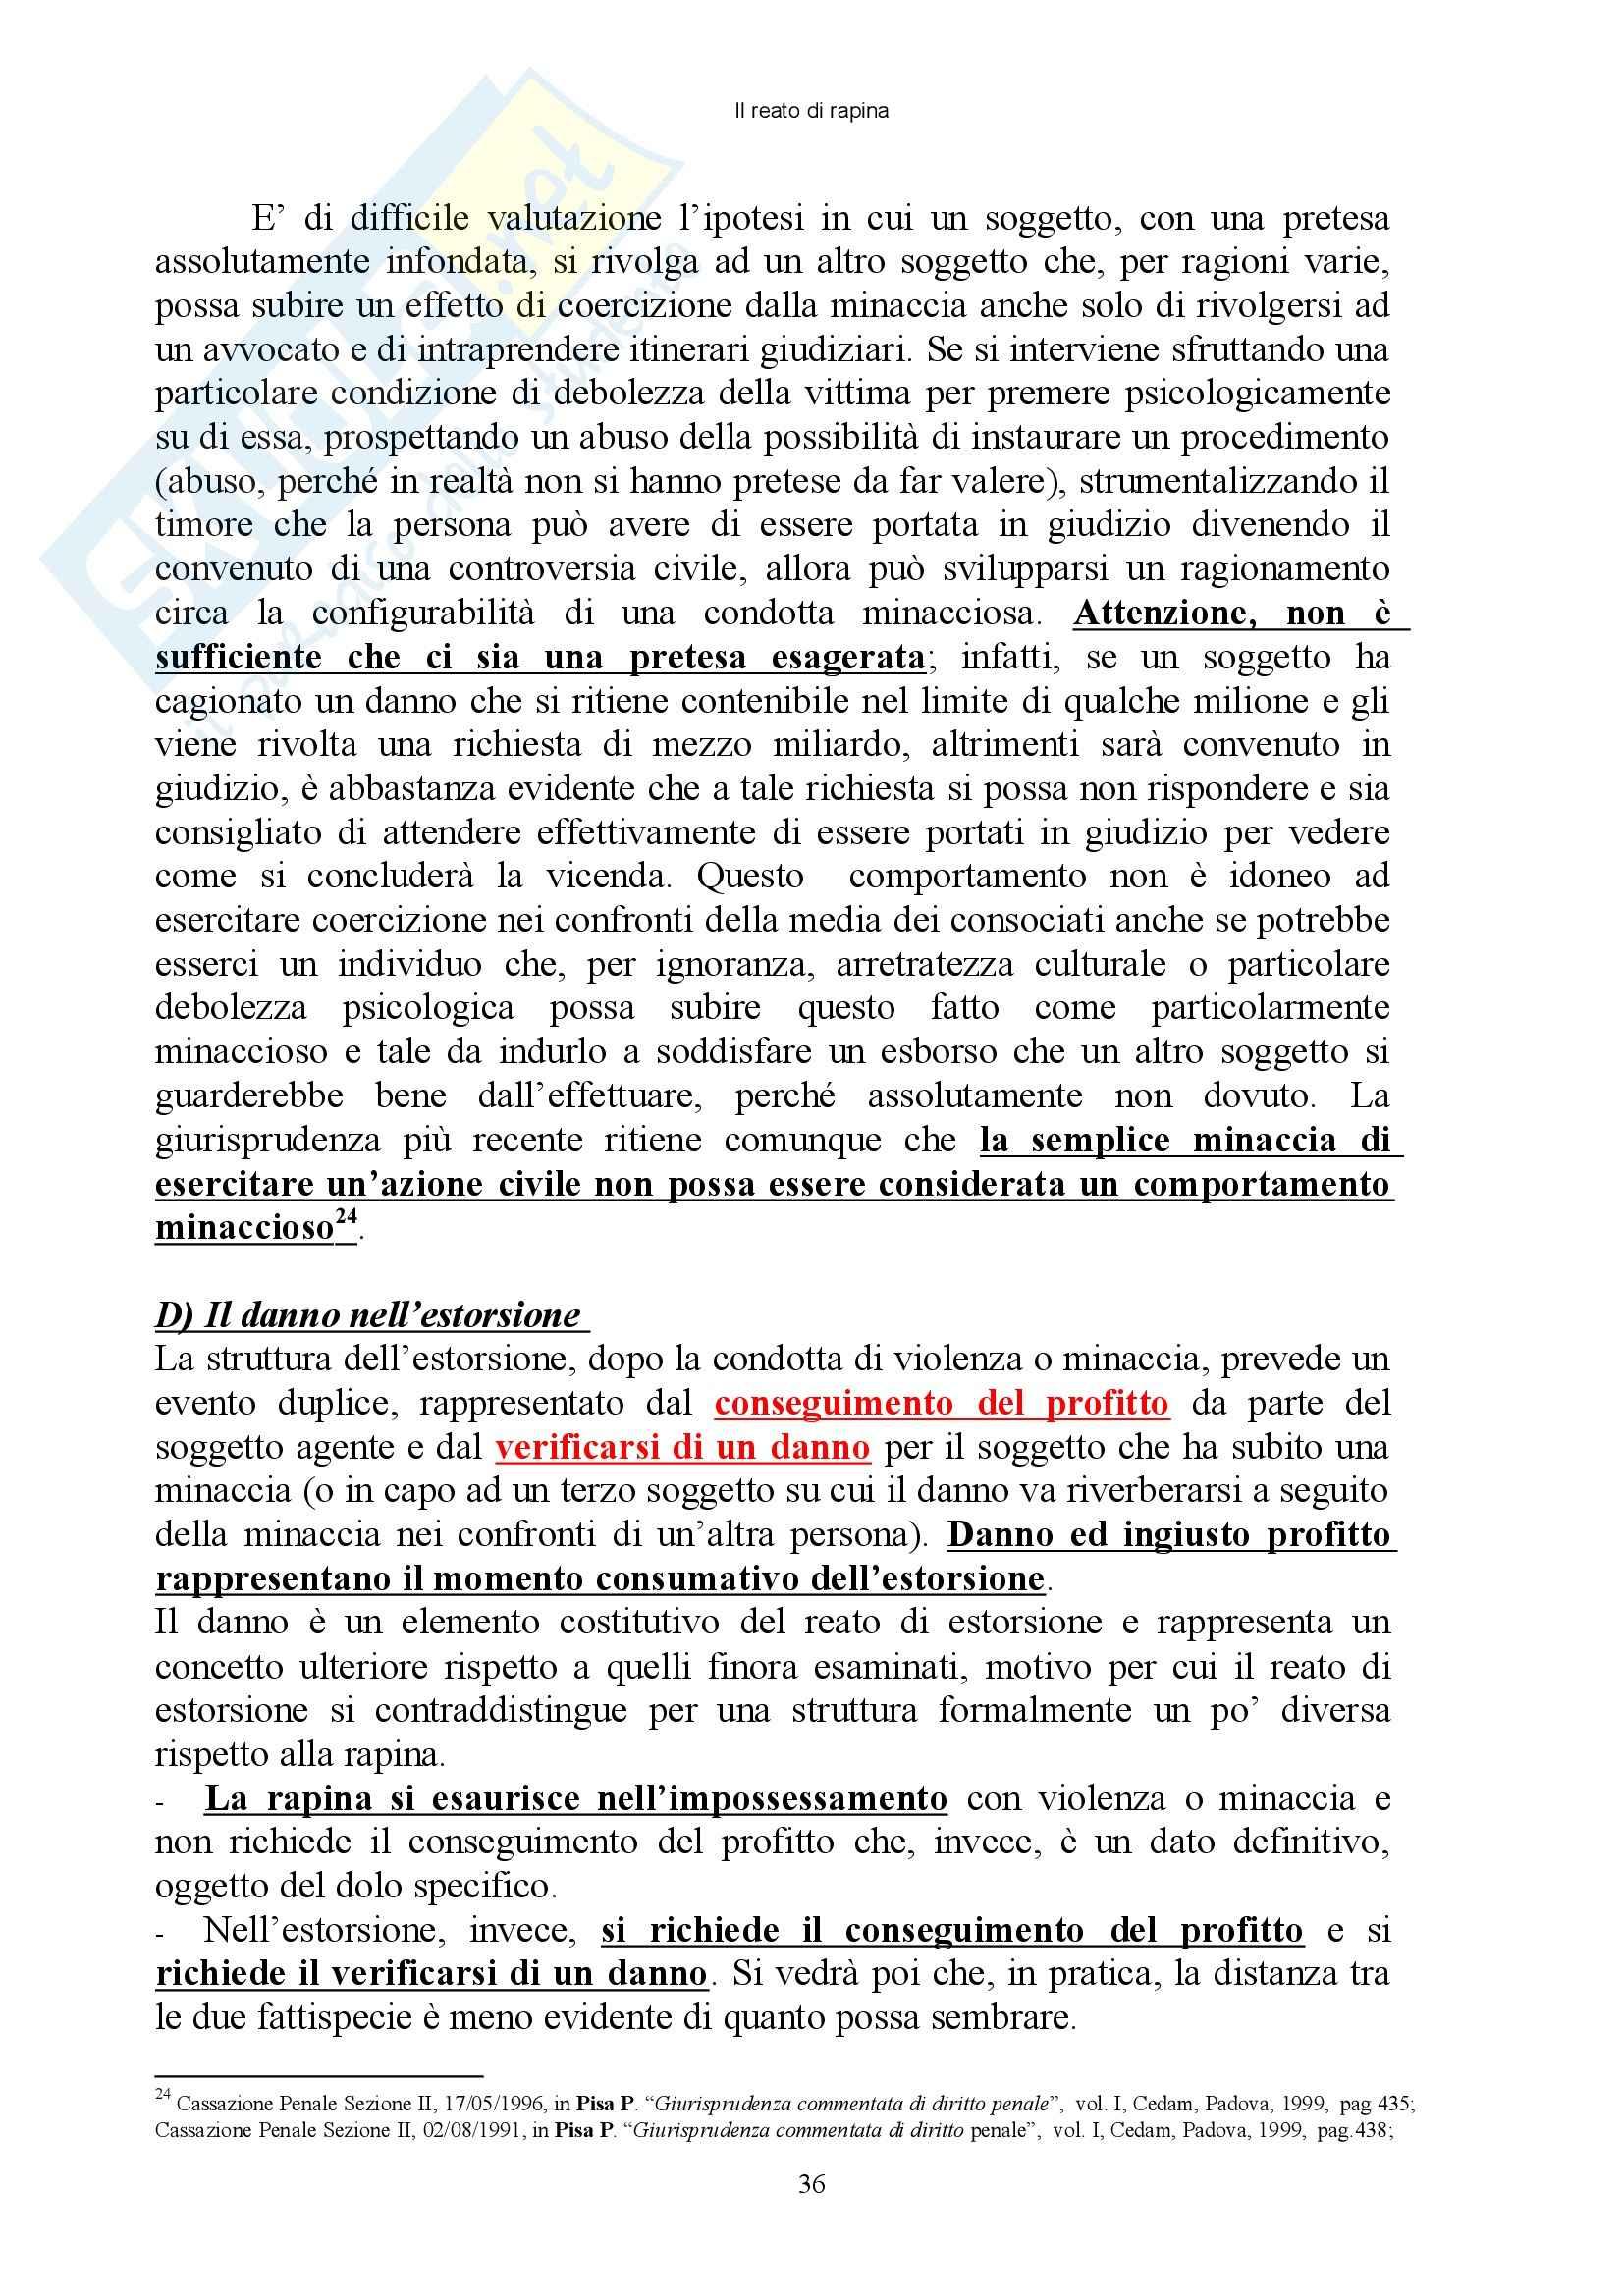 Diritto penale - reati contro il patrimonio - Appunti Pag. 36